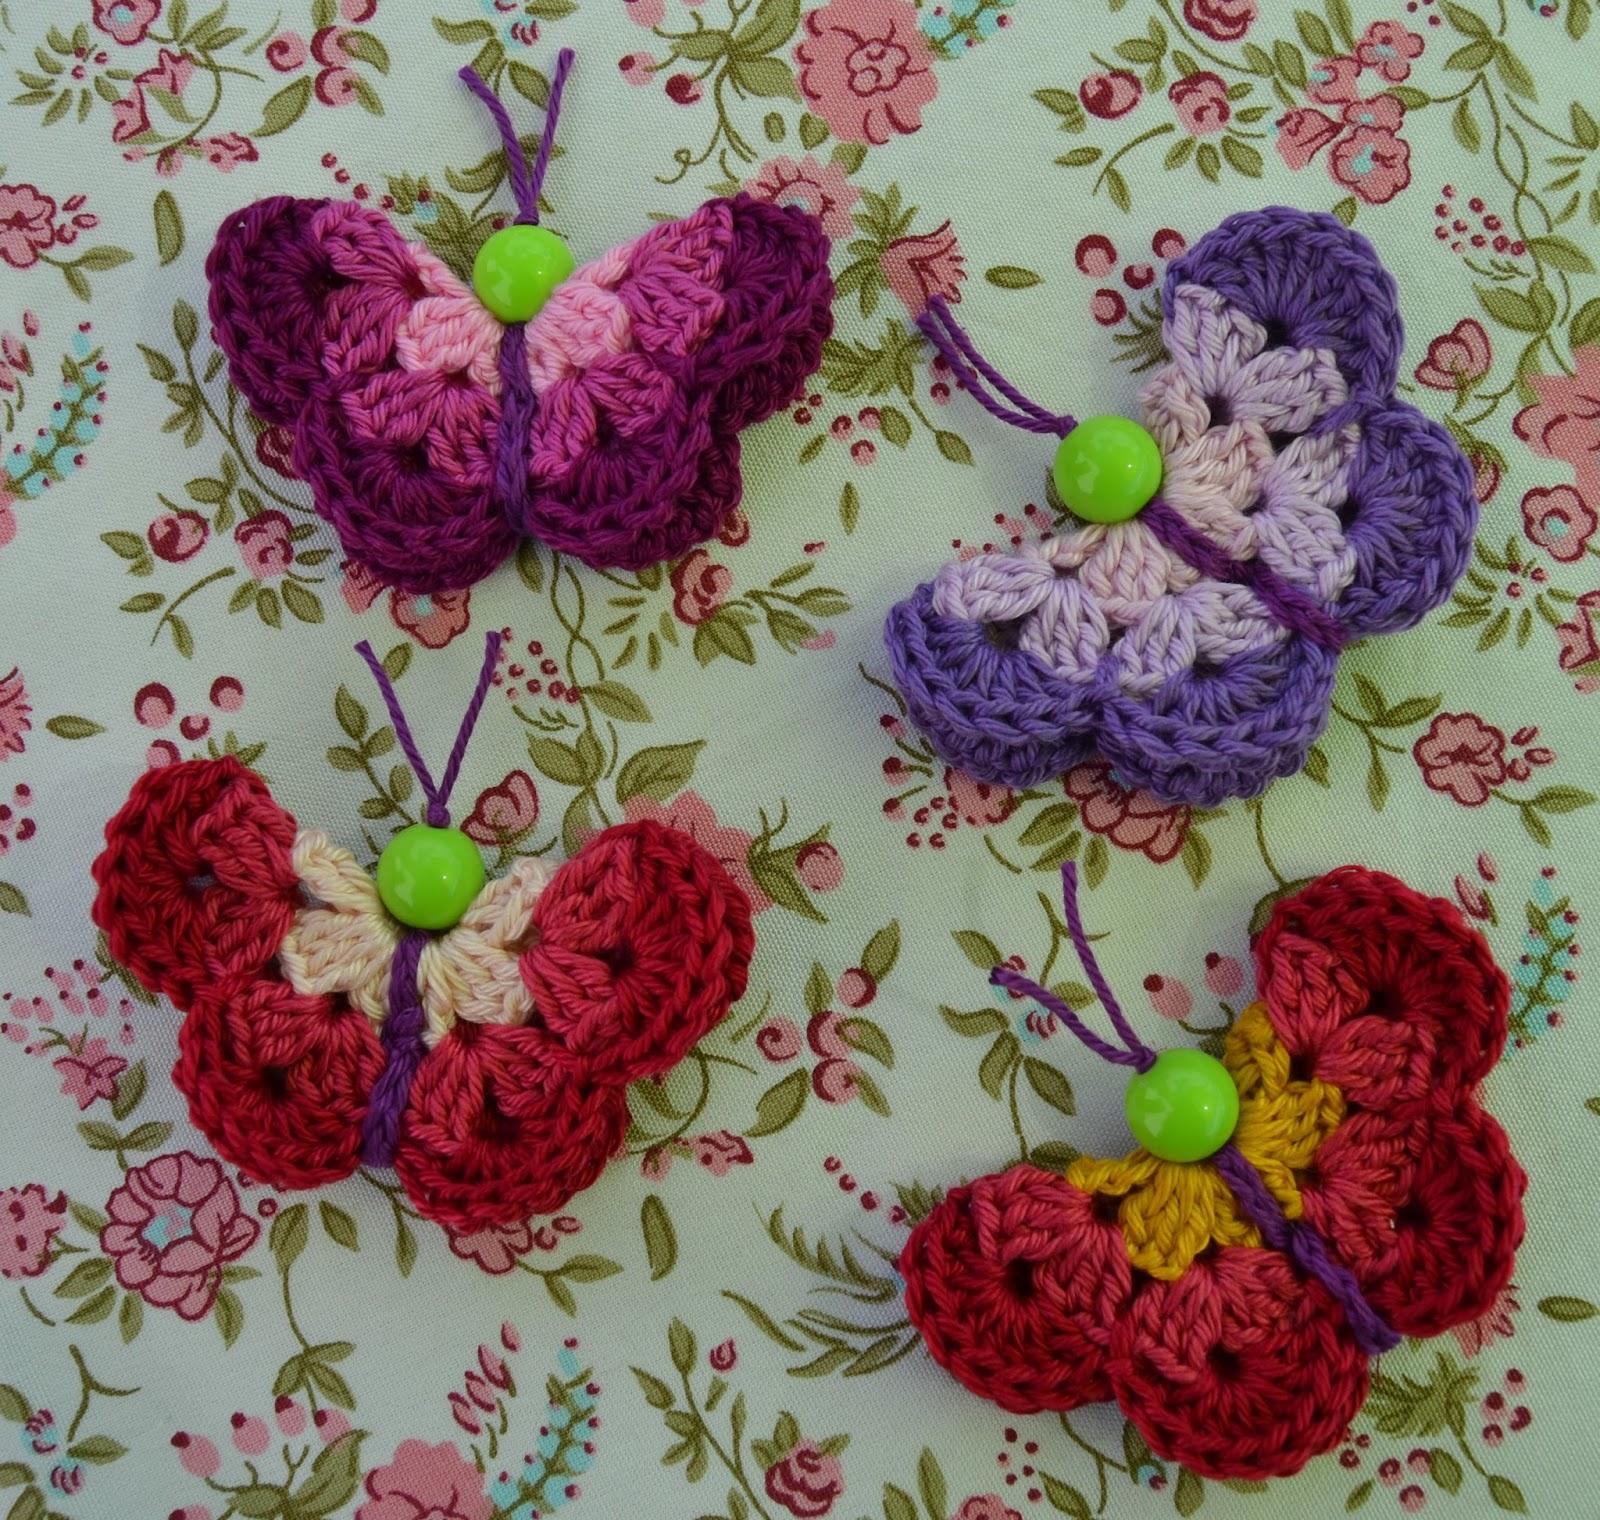 Atelier Marie Lucienne Butterflies Schmetterlinge